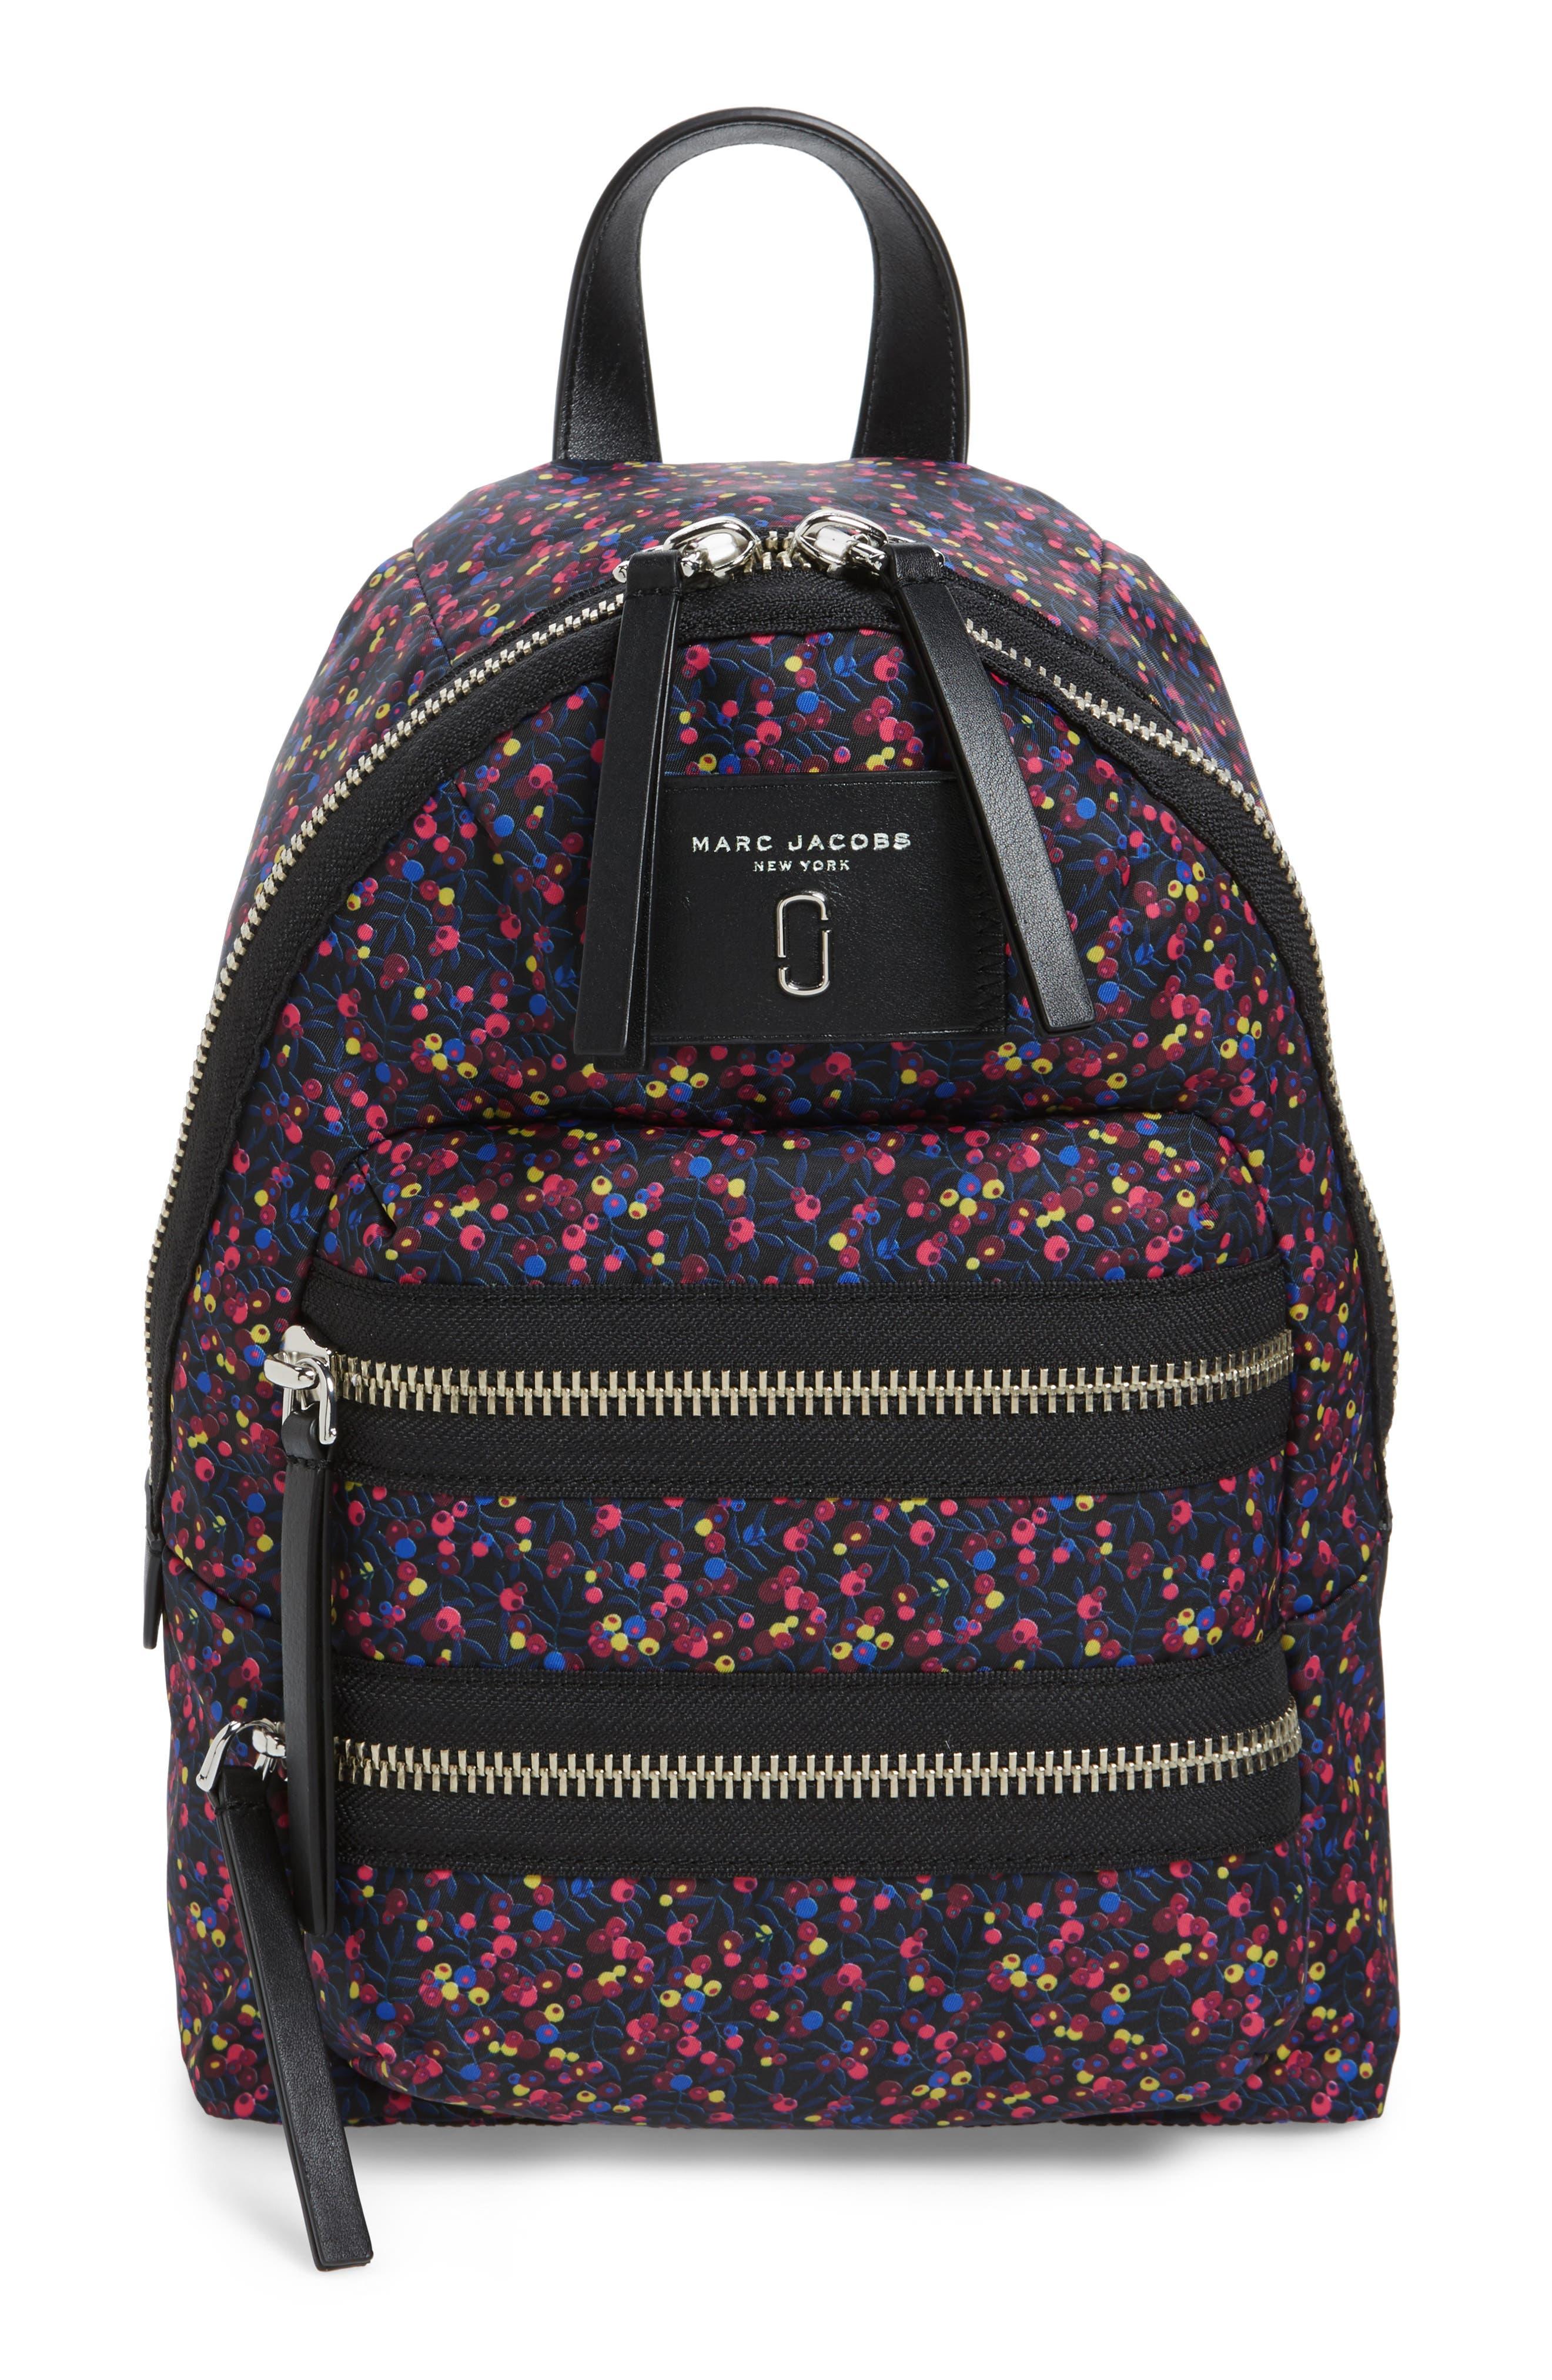 MARC JACOBS Mixed Berries Mini Biker Backpack